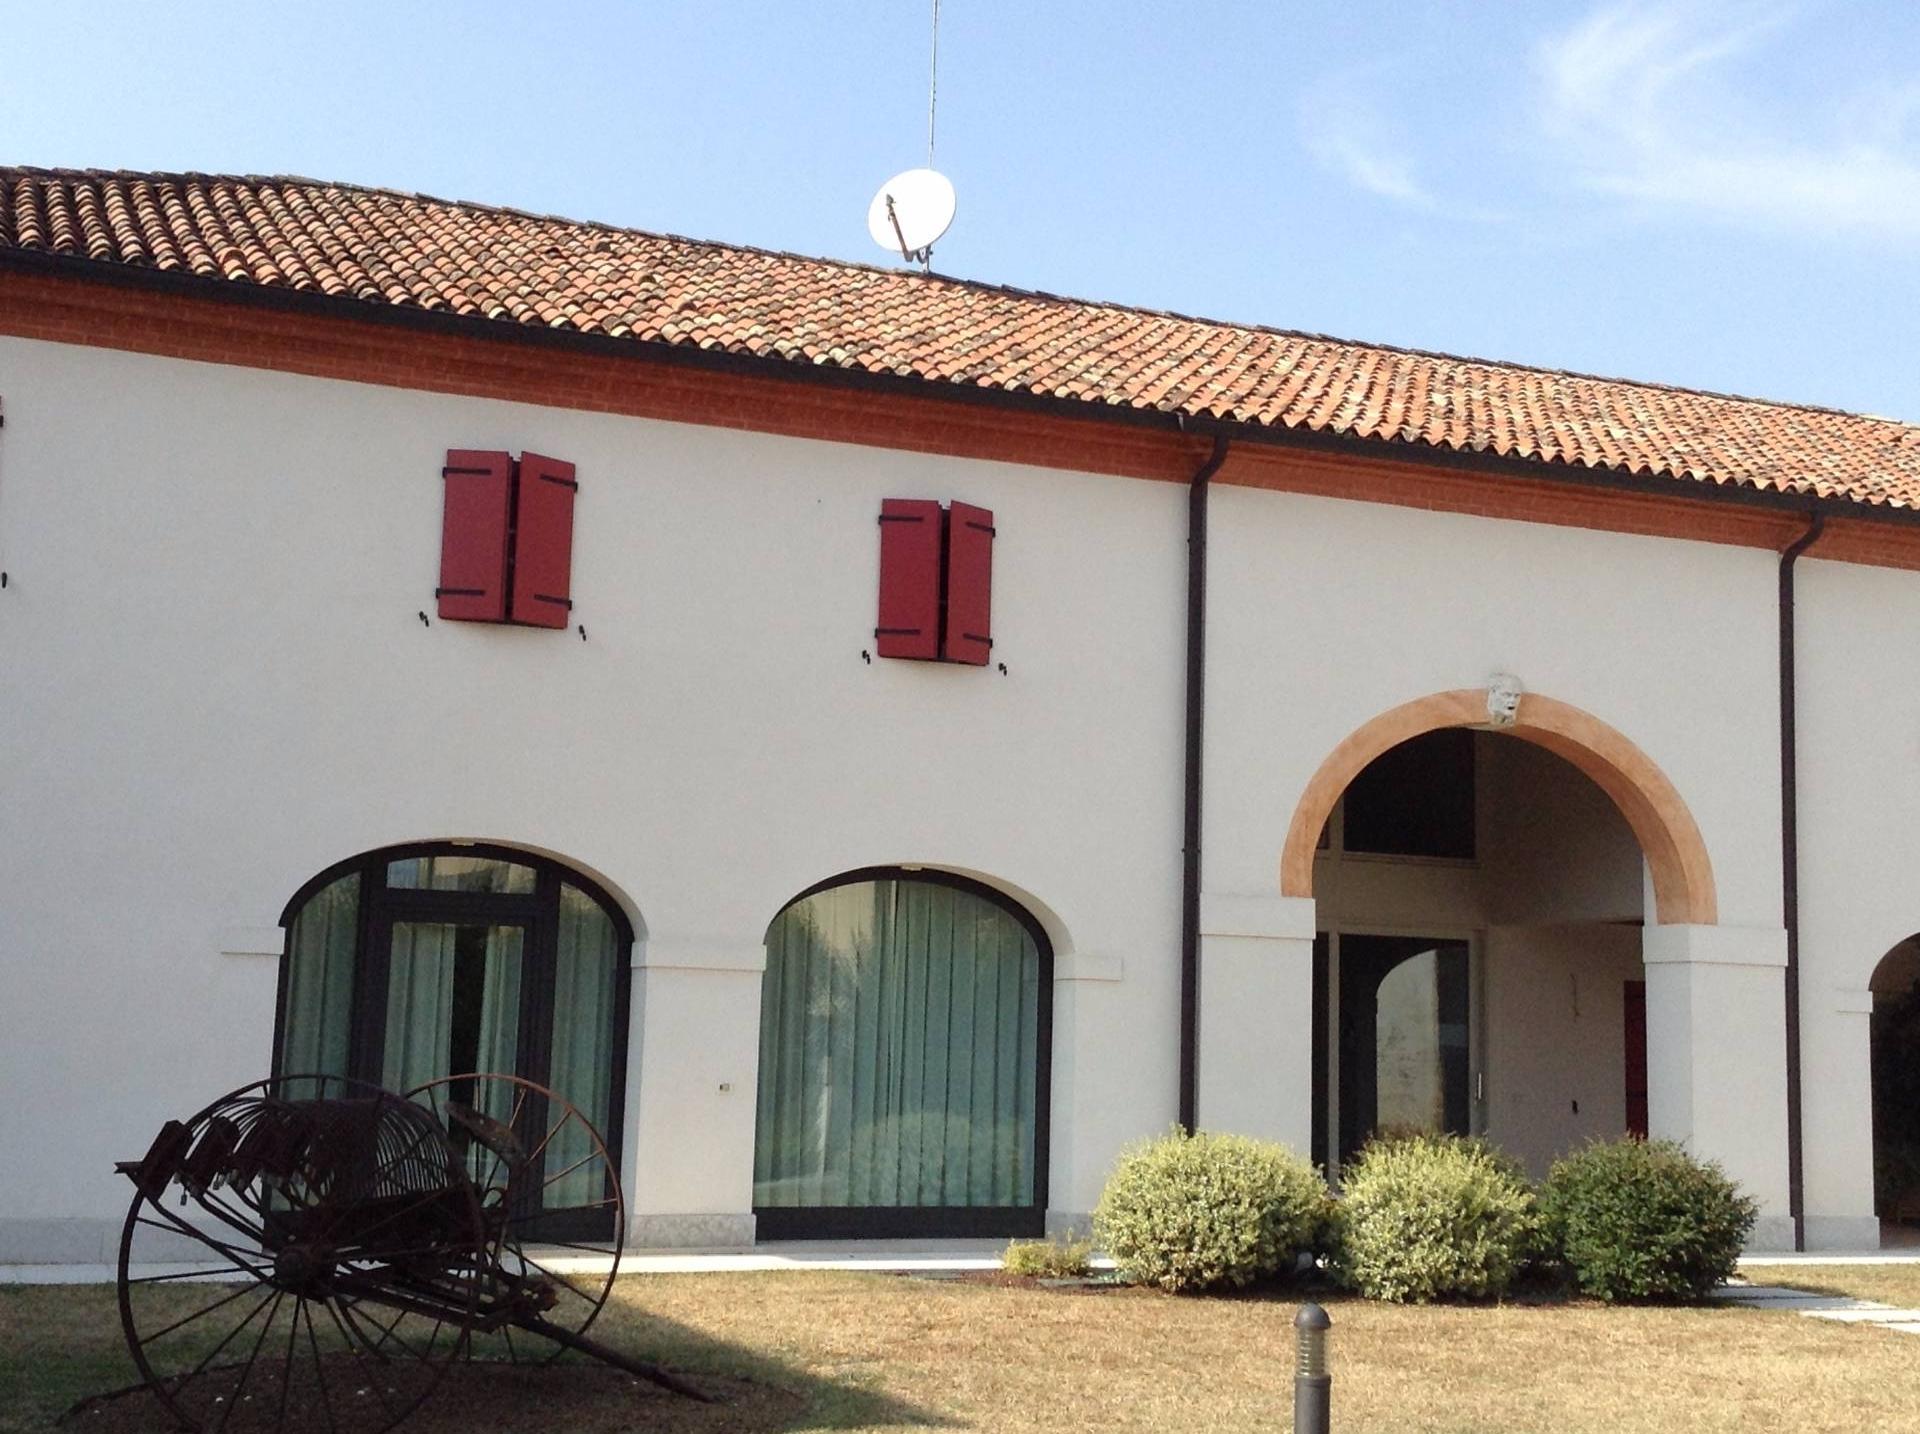 Rustico / Casale in vendita a Ponzano Veneto, 10 locali, prezzo € 285.000 | CambioCasa.it